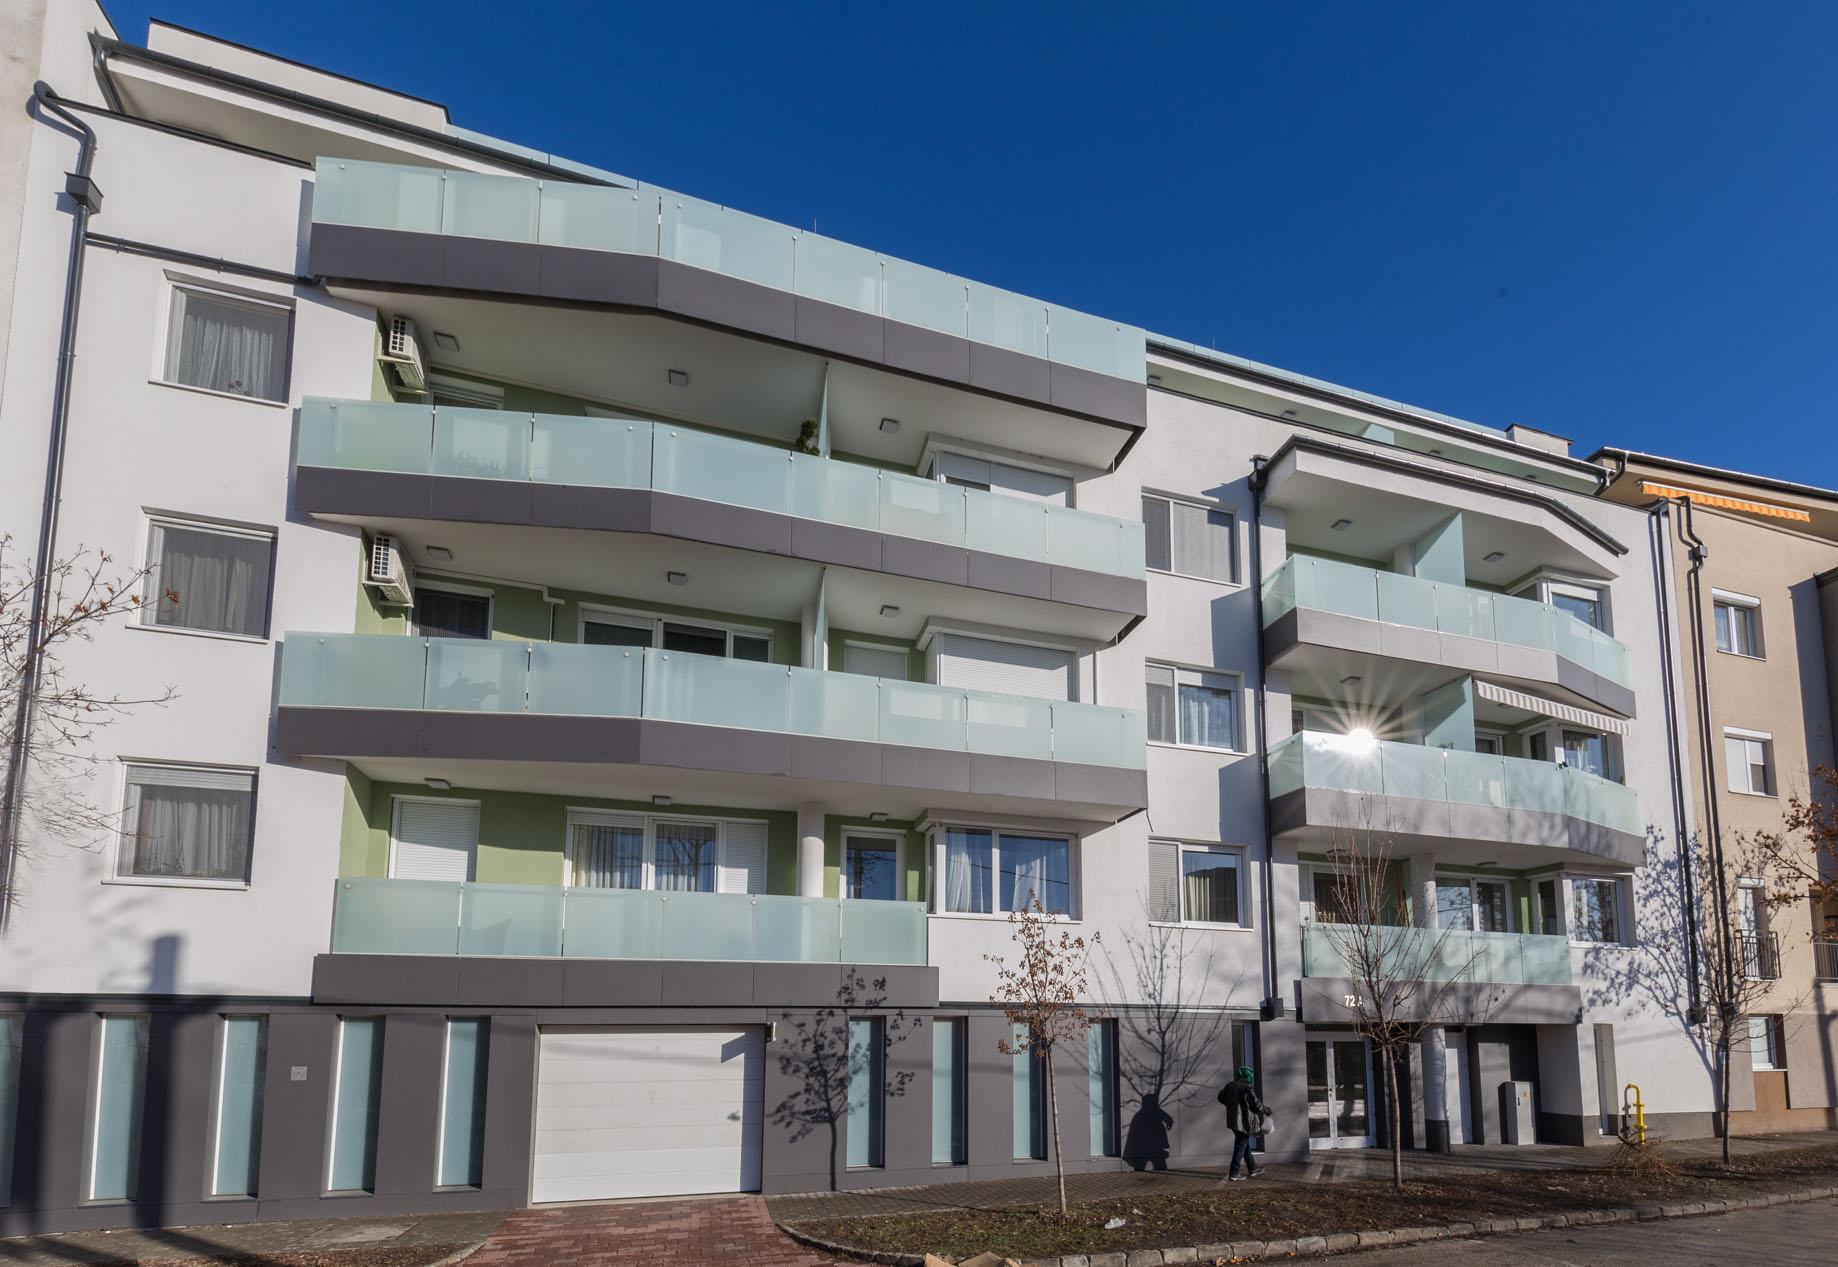 Saját ingatlanfejlesztés keretében egy 6 szintes, 26 lakásos, liftes társasház generálkivitelezését végeztük Angyalföldön, a Fáy utca megújult részében.